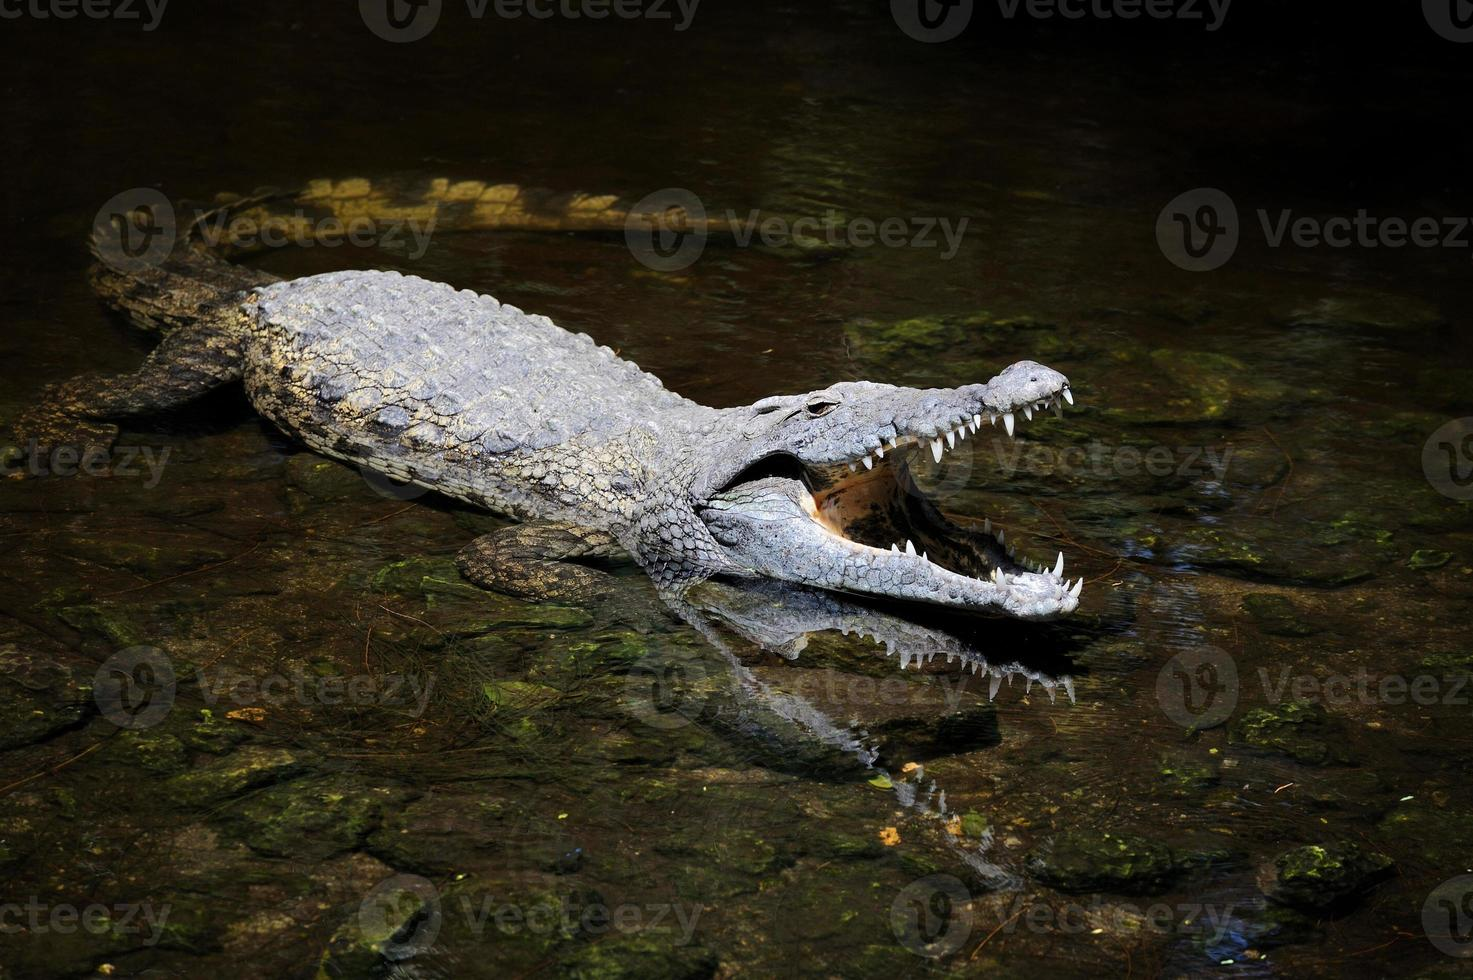 cocodrilo grande en agua foto